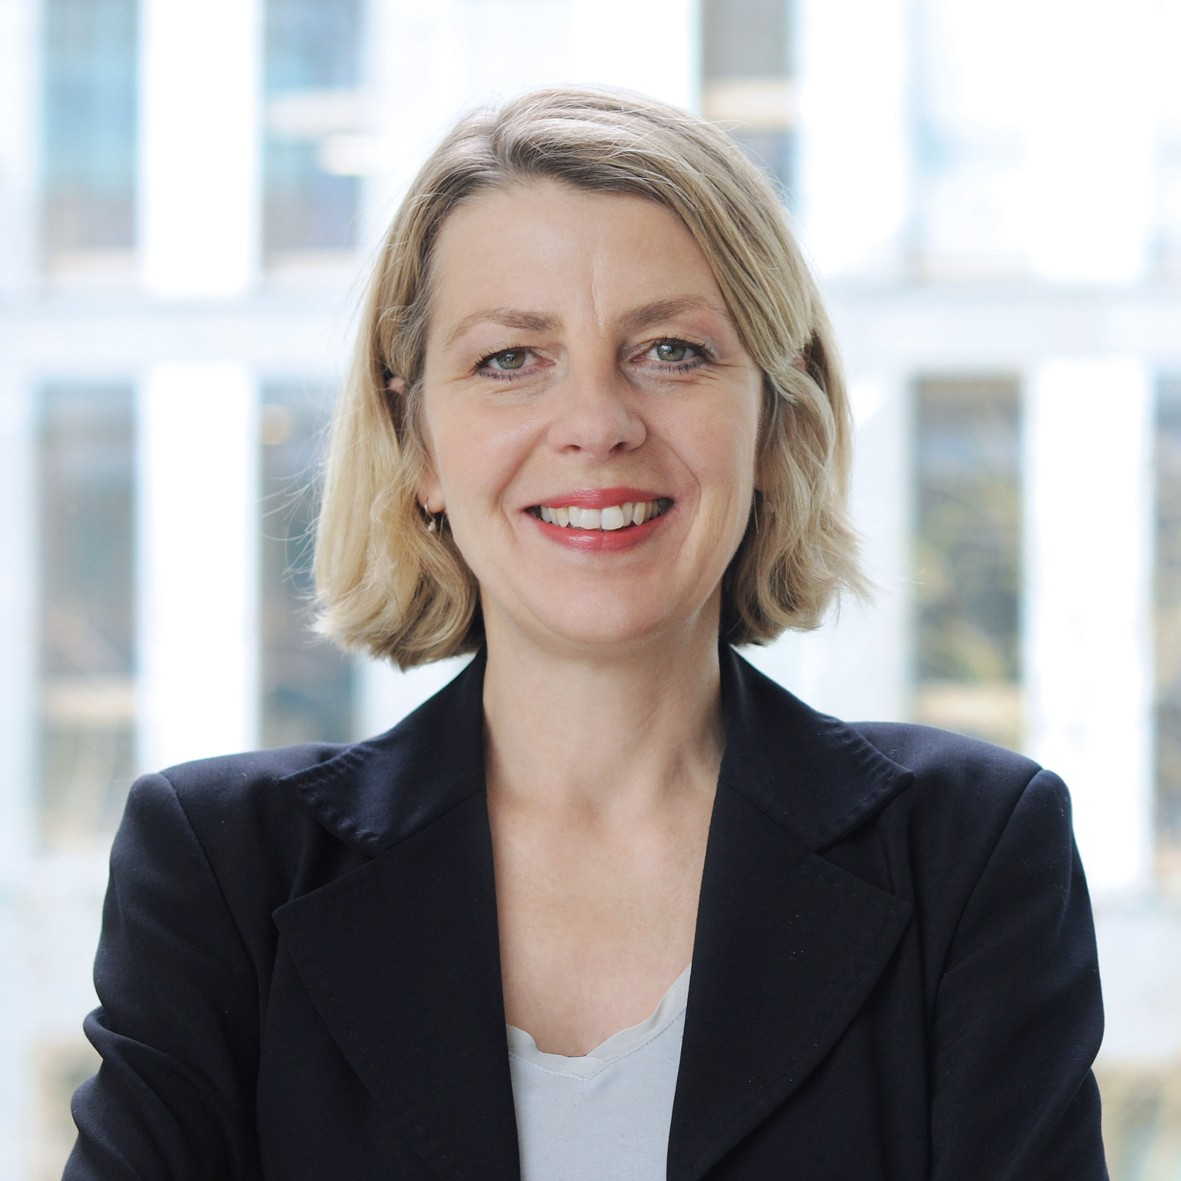 Kommissionsvorsitzende Sabine Andresen schaut lächelnd in die Kamera.